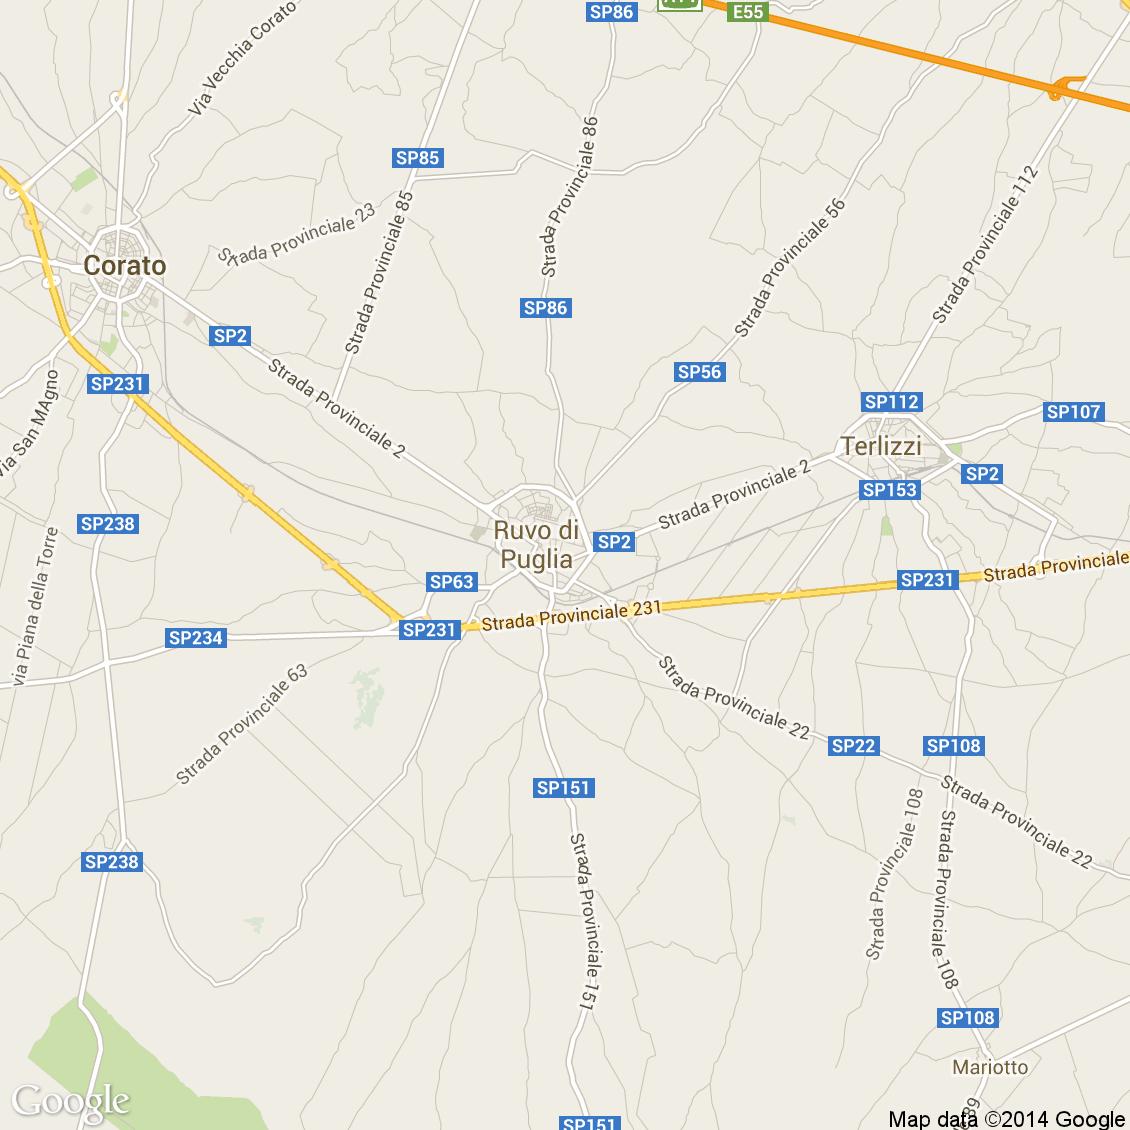 Cartina Ruvo Di Puglia.Foto Dall Alto Delle Strade Del Comune Di Ruvo Di Puglia Media E Alta Risoluzione